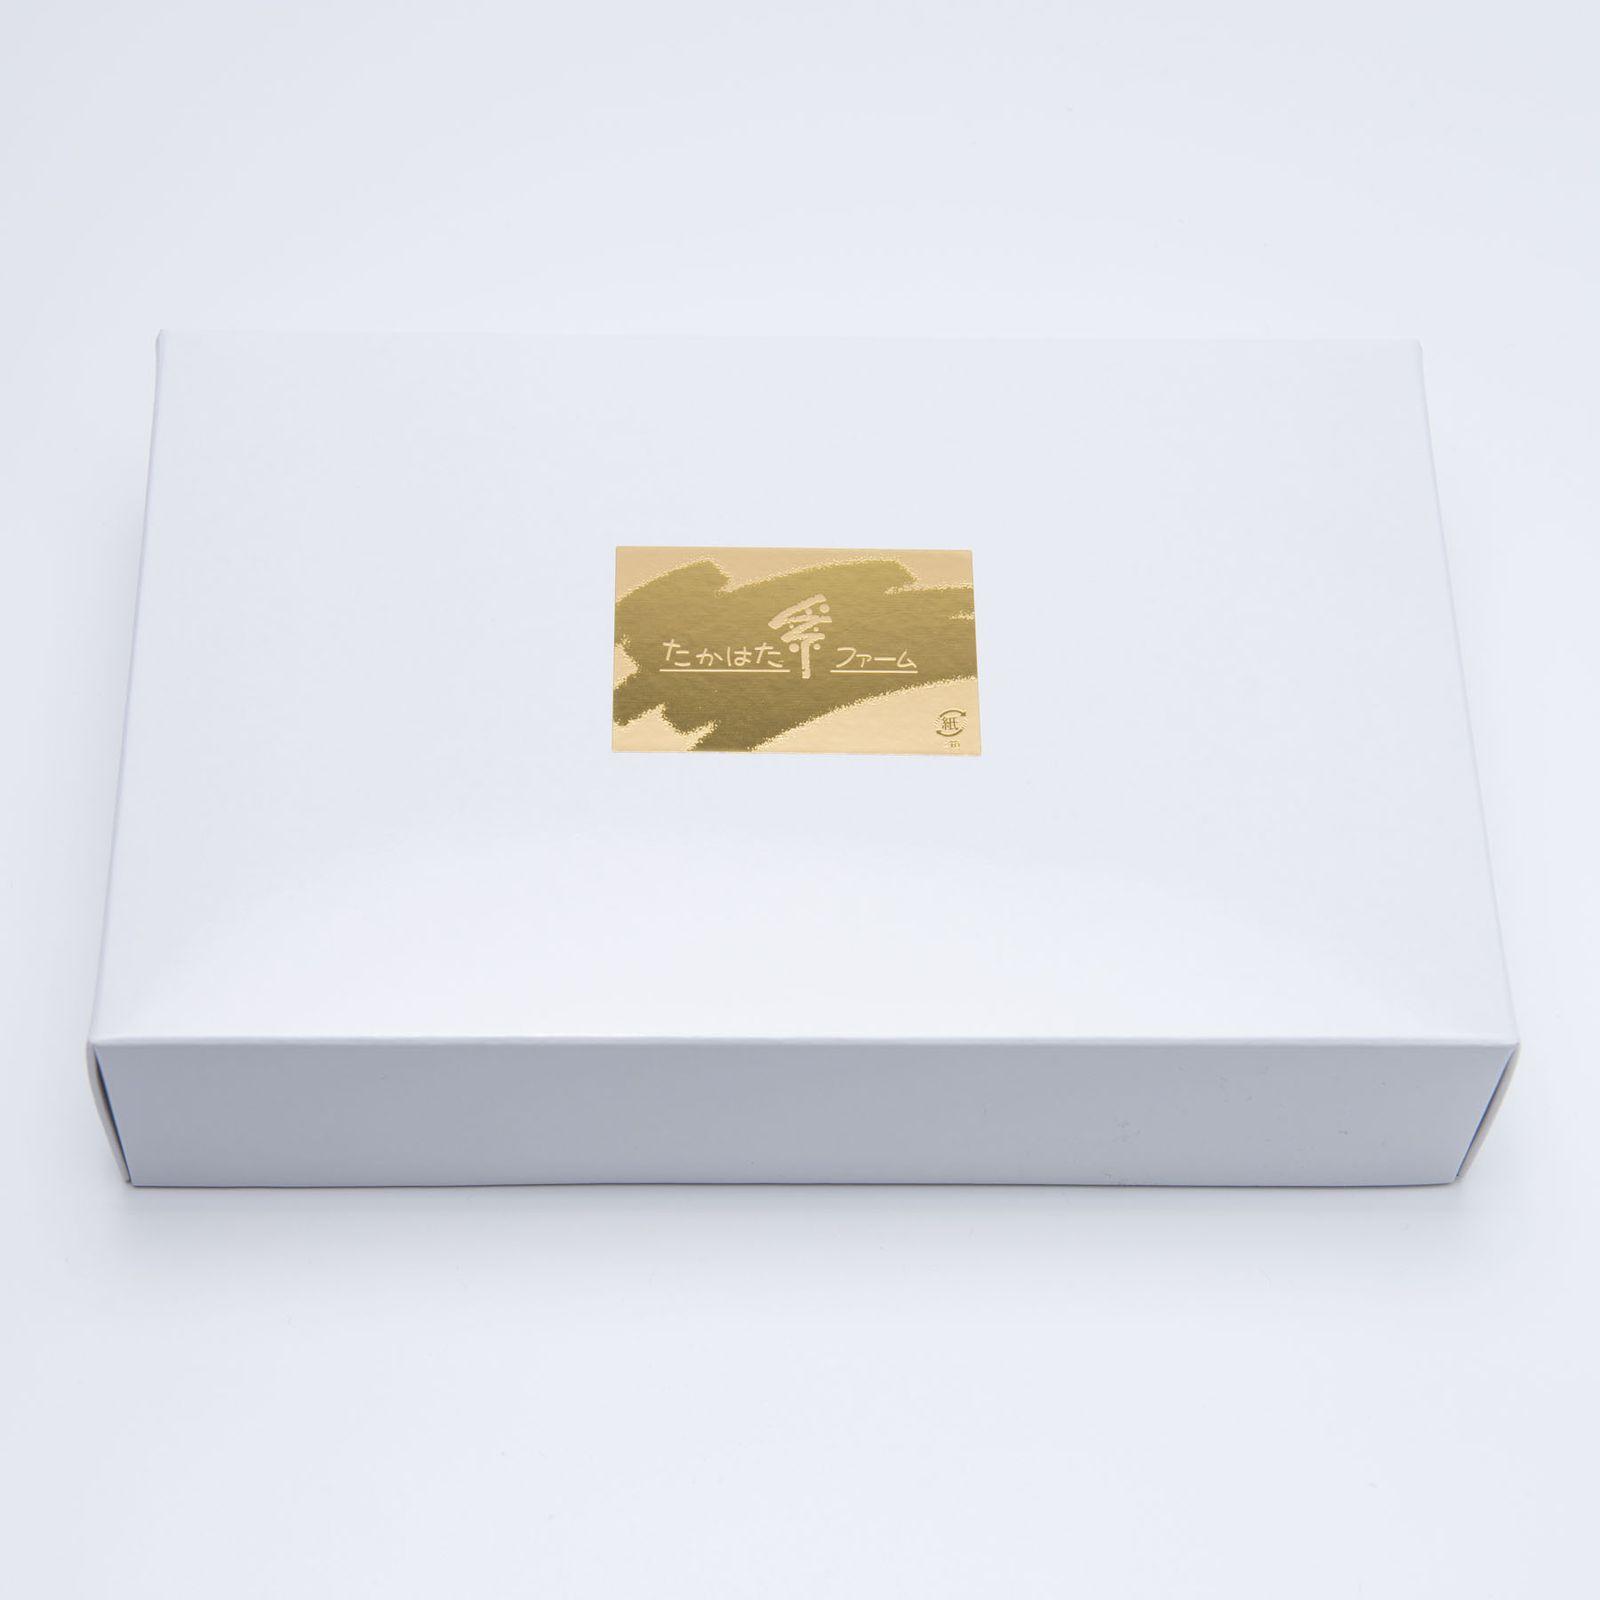 ミックスゼリー 6個詰空ギフト箱 ※ゼリーなし箱のみ